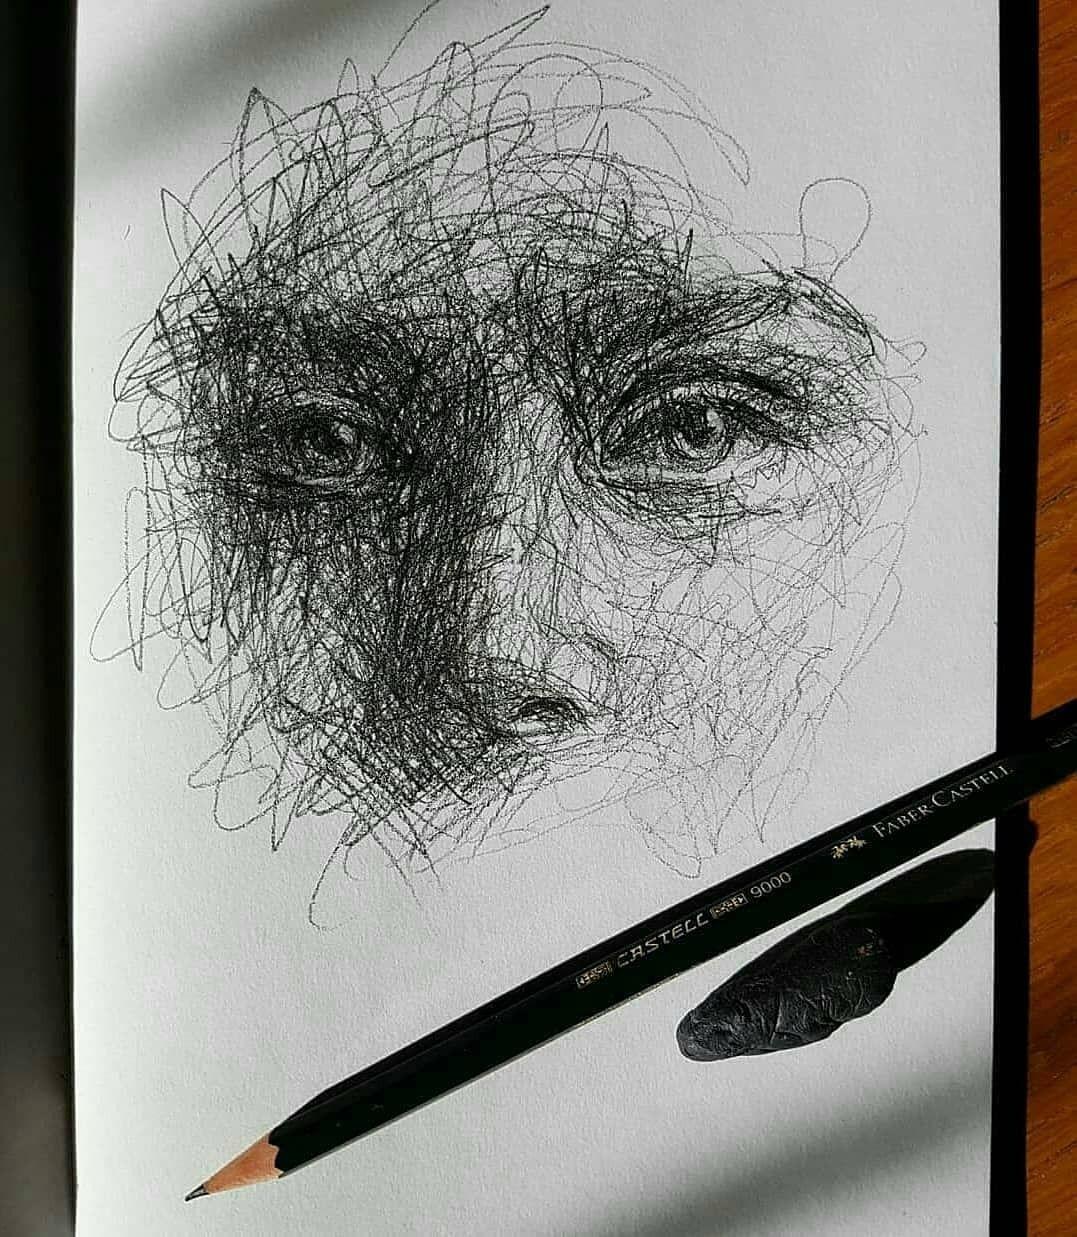 ARTWOONZ - Art By IG: @thebadrawer Instagram: @artwoonz...